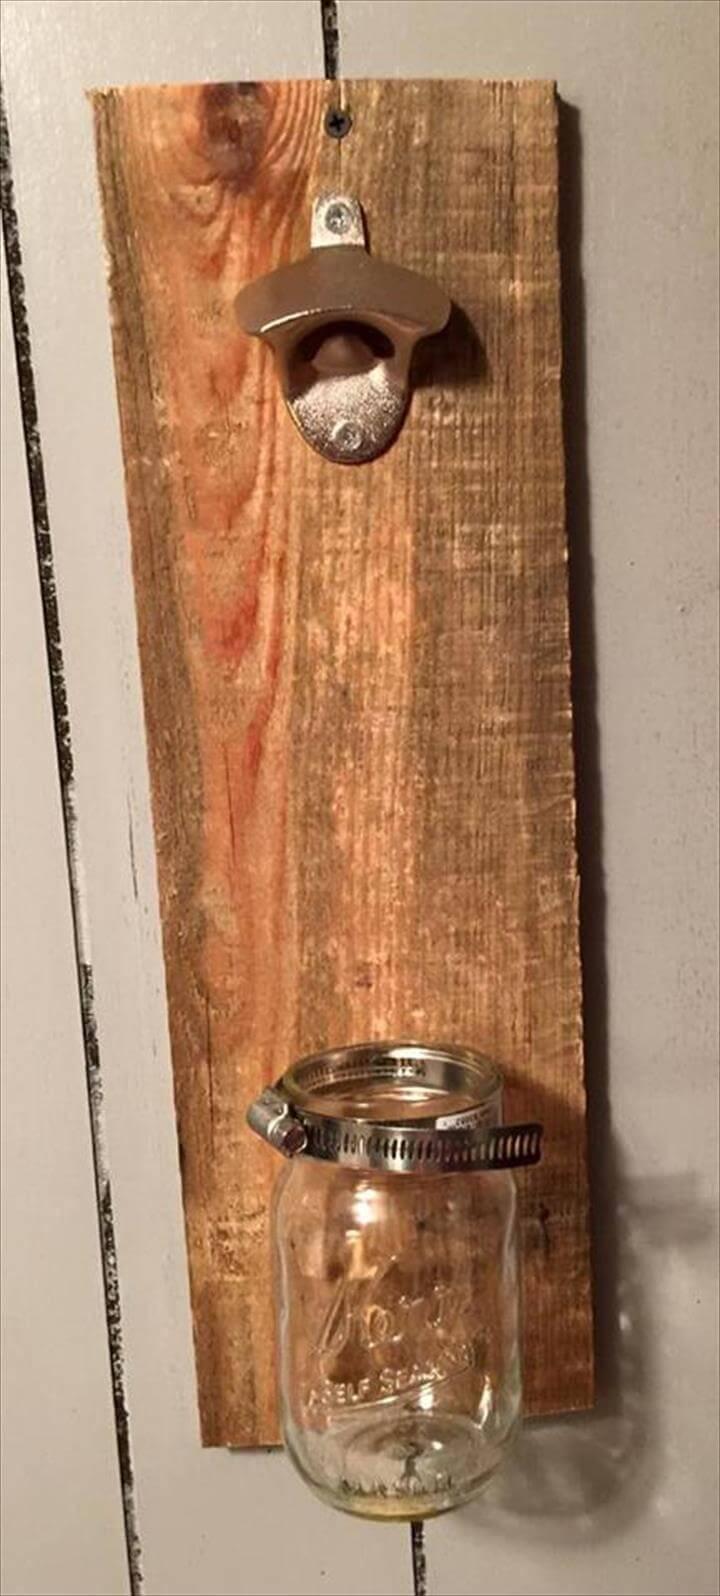 handmade pallet bottle opener with bottle holder